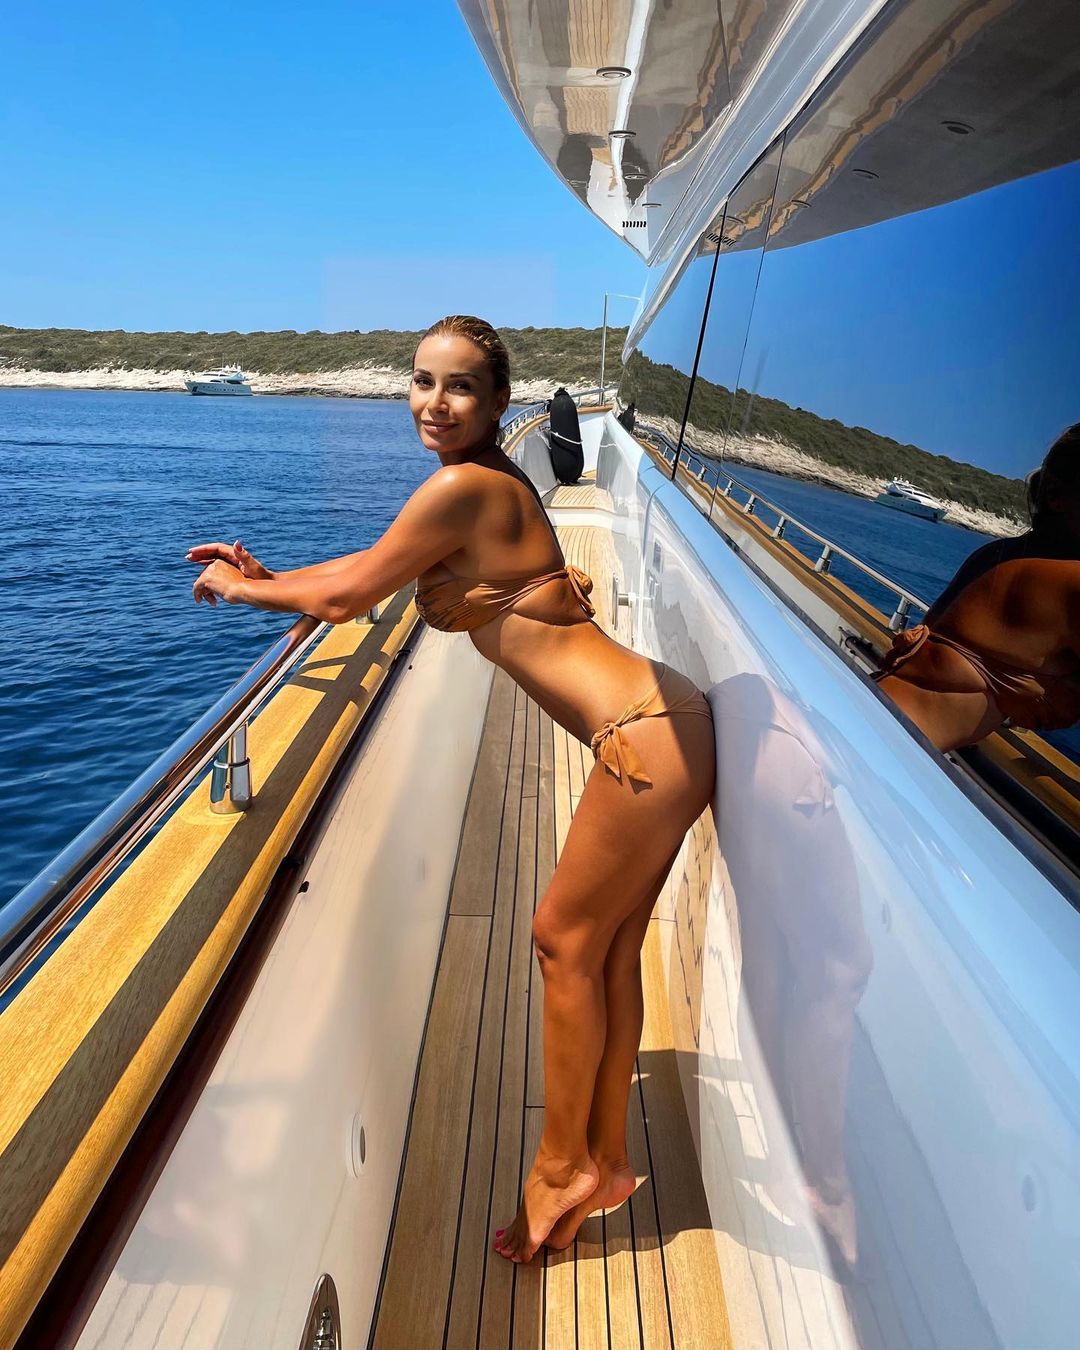 Молодой человек Ольги Орловой наслаждается её видом в бикини и сексуально откляченной попкой